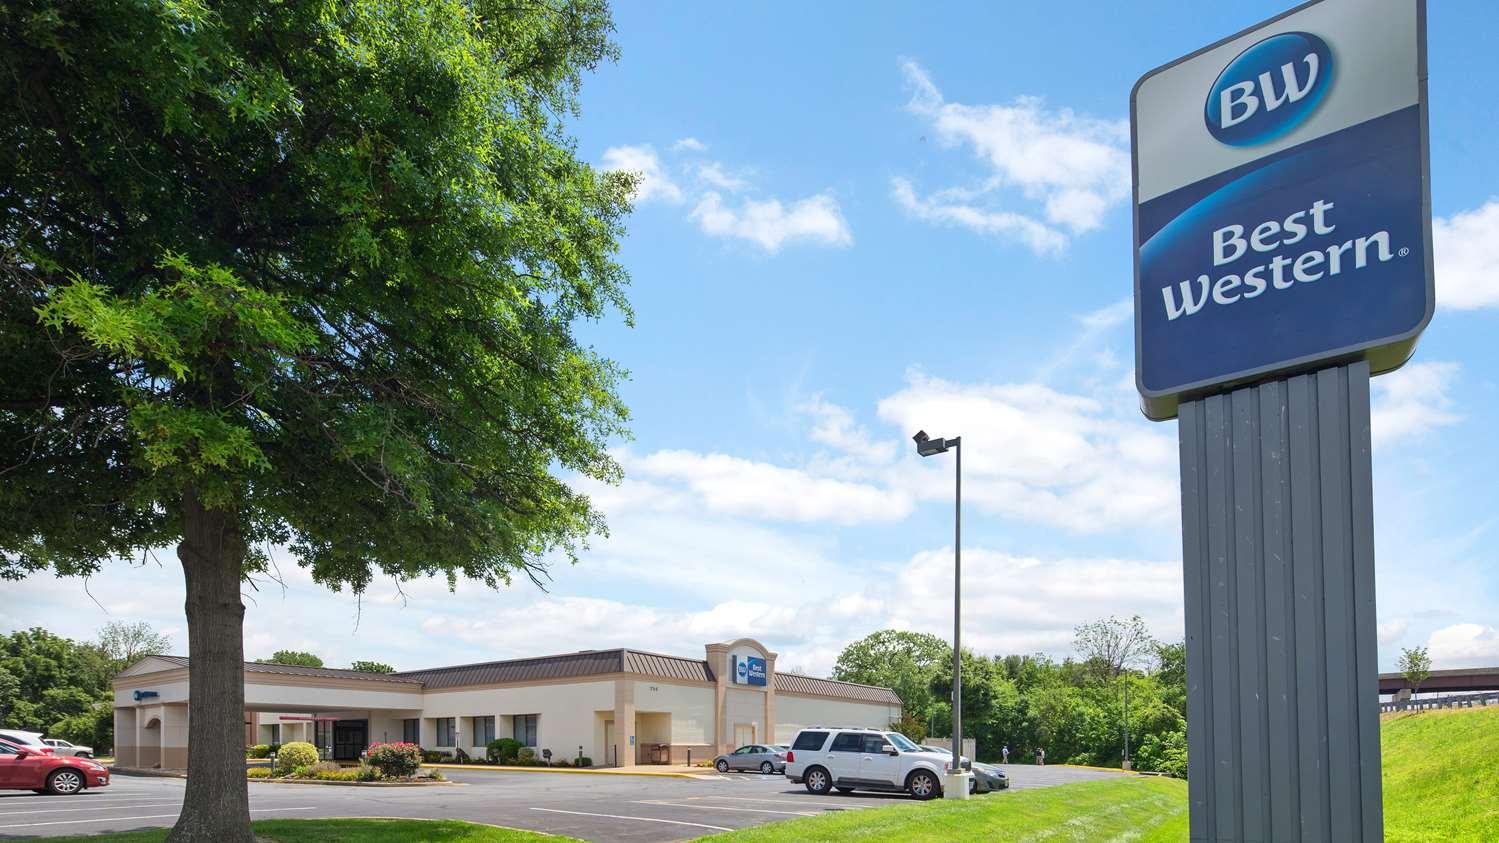 Best Western Hotel Leesburg Va See Discounts